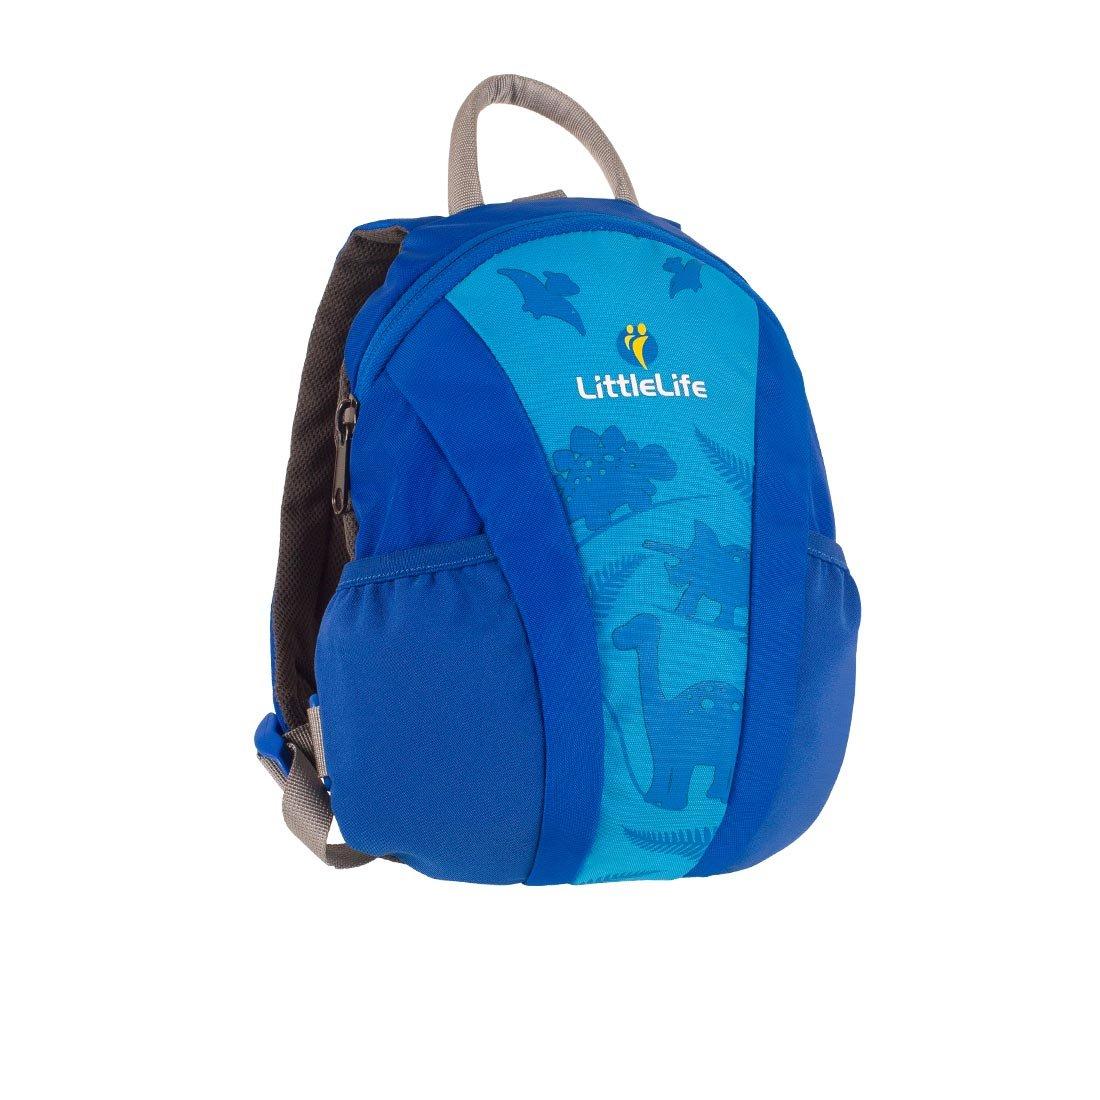 runabout toddler backpack with rein toddler backpacks. Black Bedroom Furniture Sets. Home Design Ideas